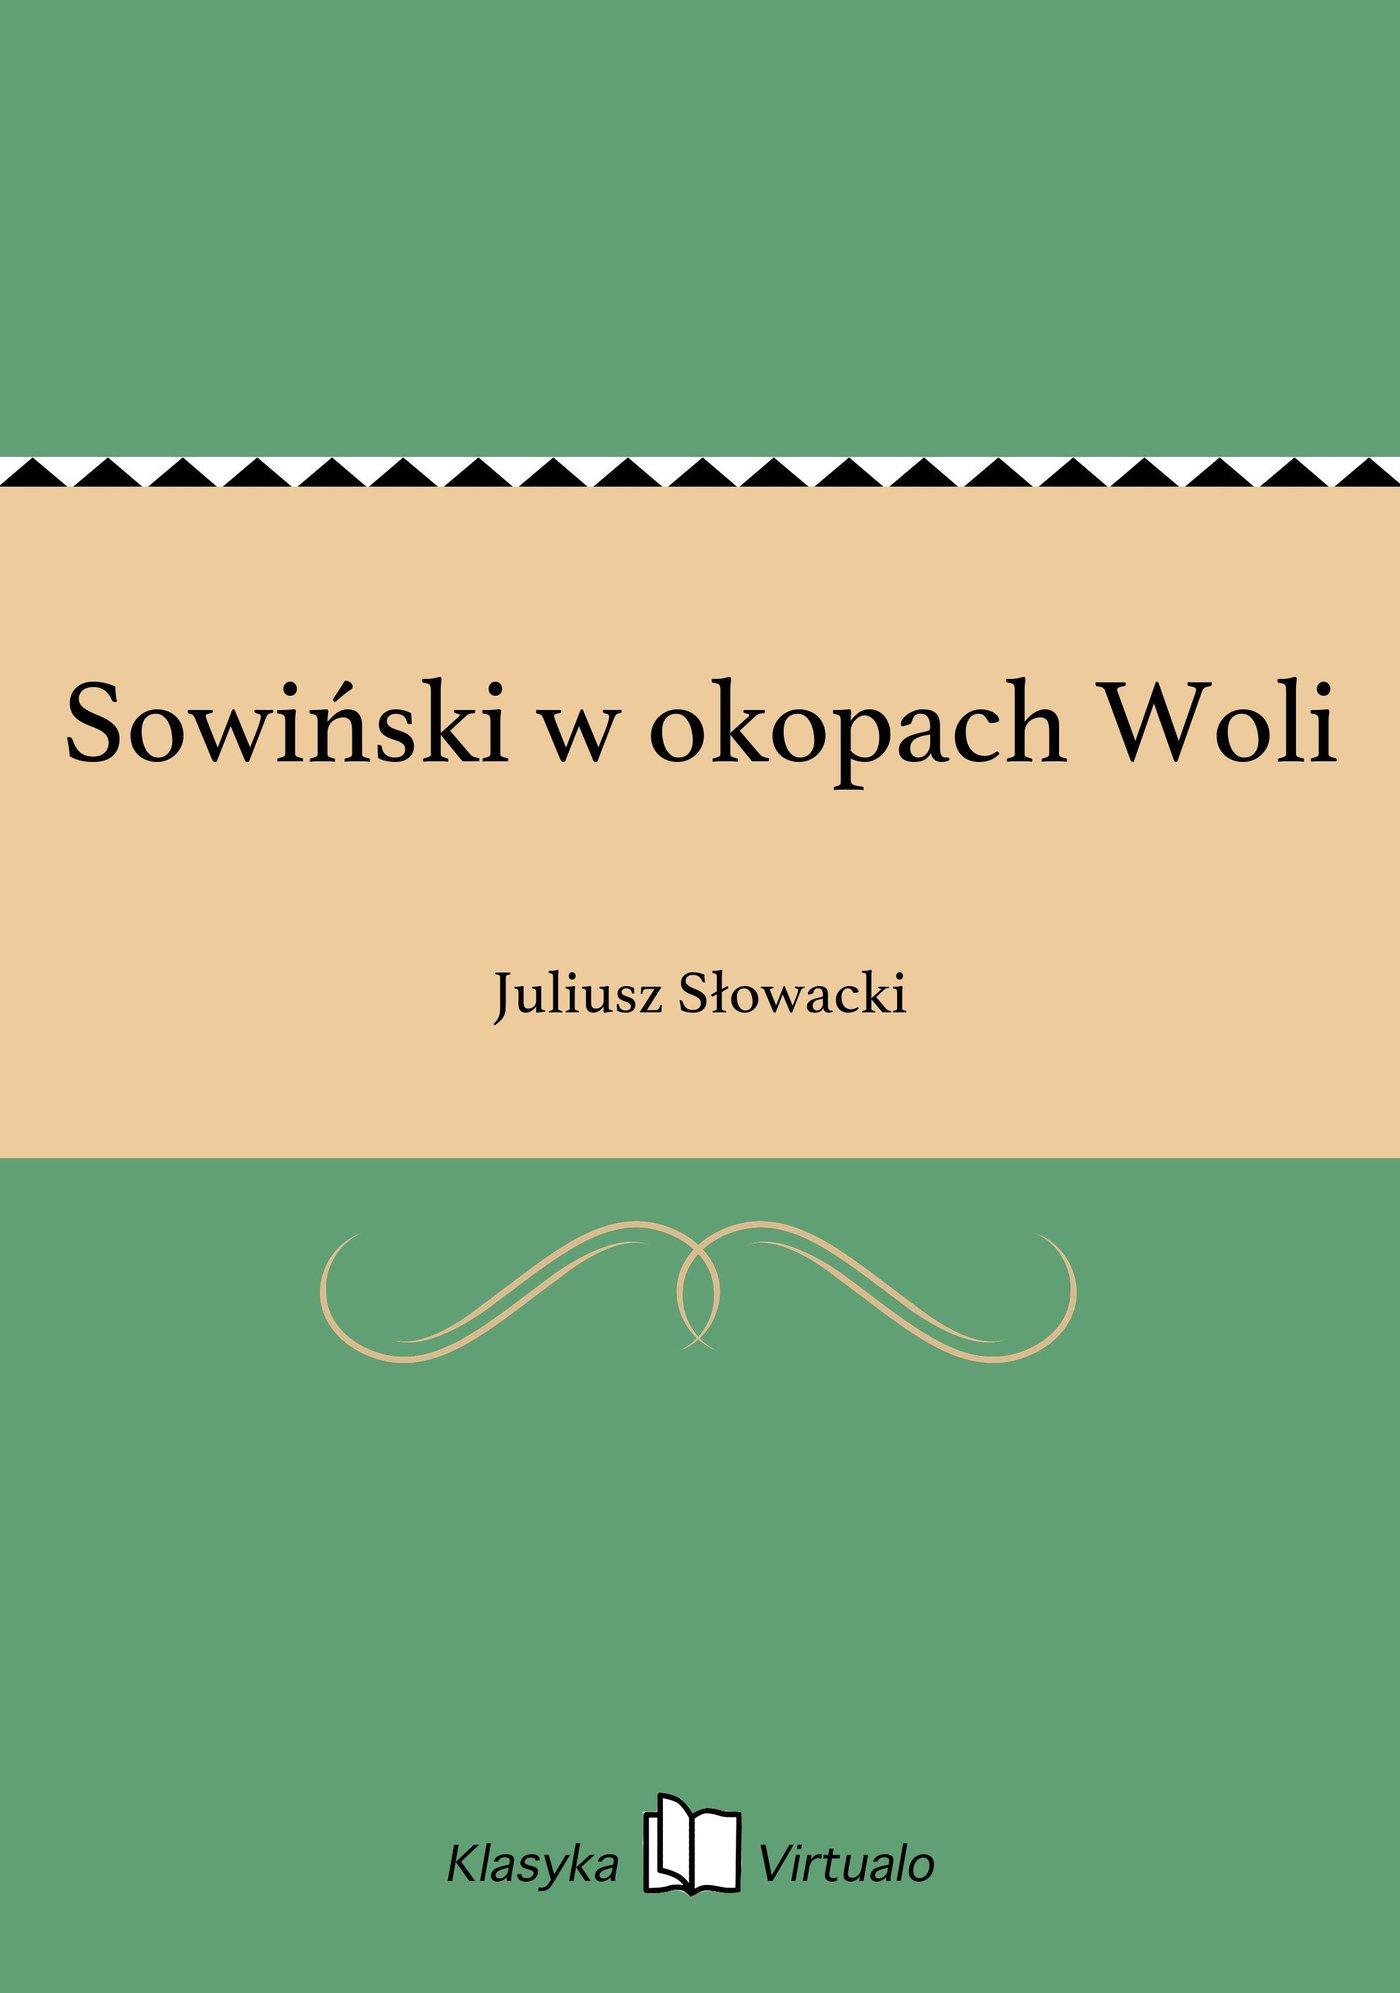 Sowiński w okopach Woli - Ebook (Książka EPUB) do pobrania w formacie EPUB